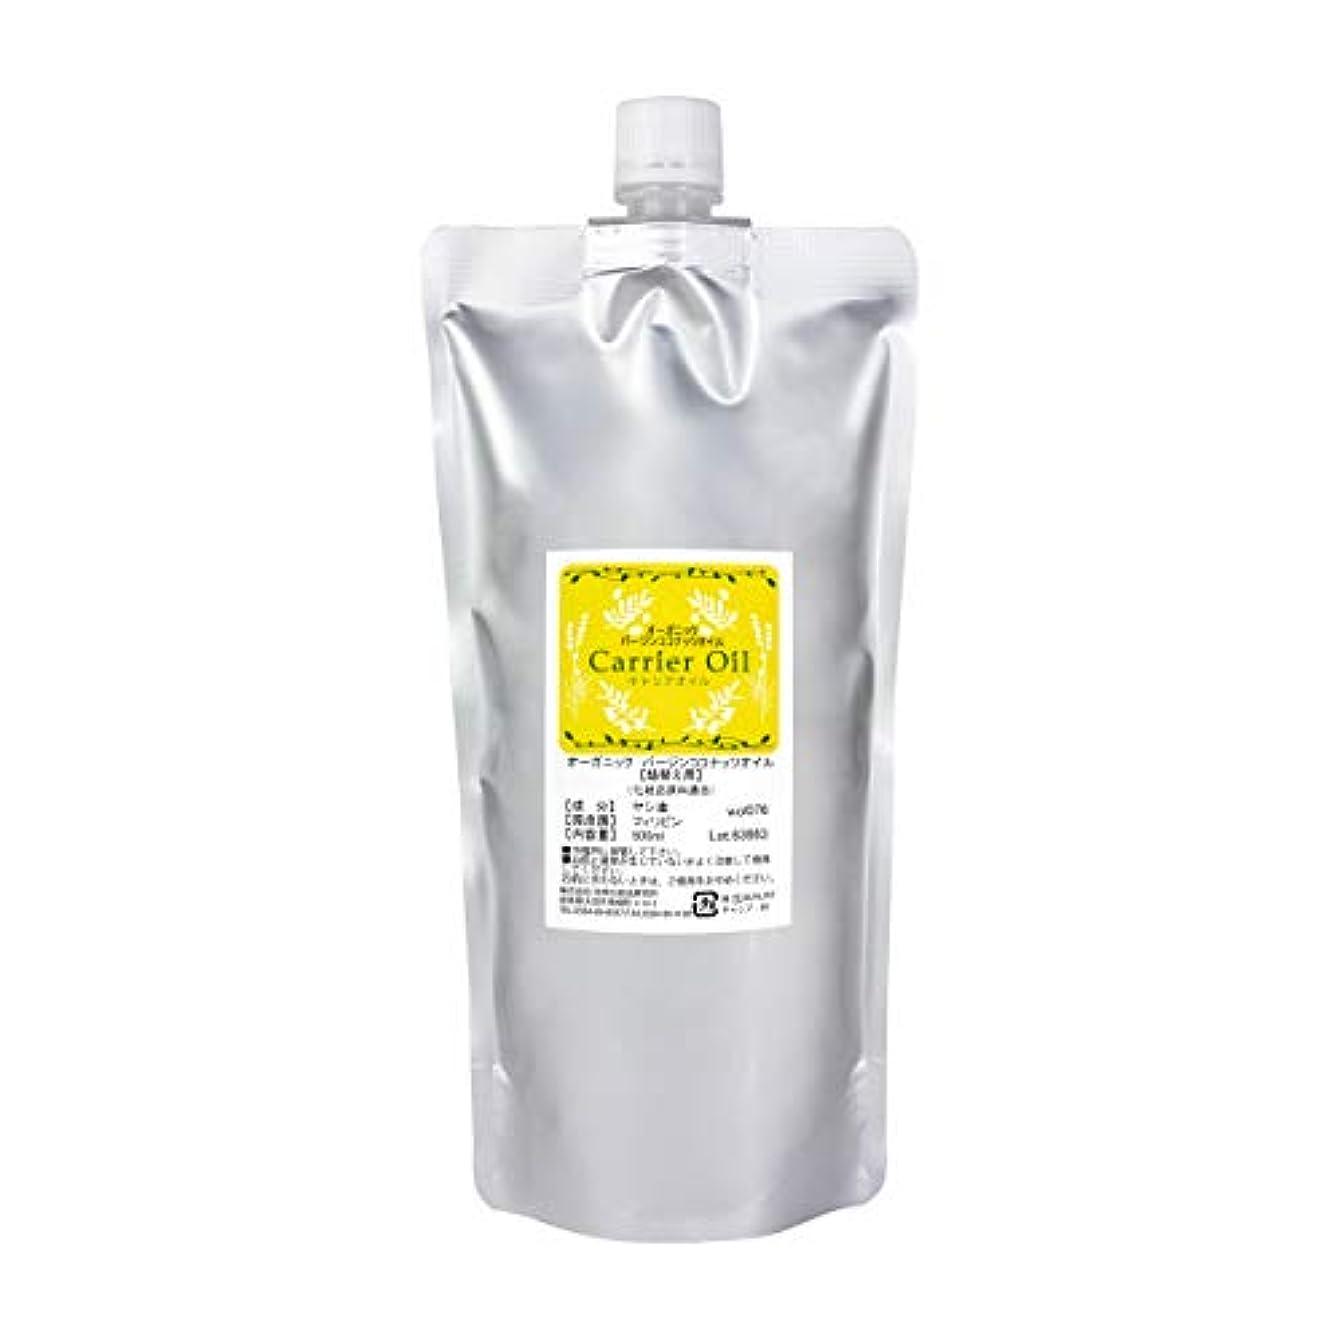 腐敗した自動化キャンドルオーガニック バージン ココナッツオイル キャリアオイル 500ml